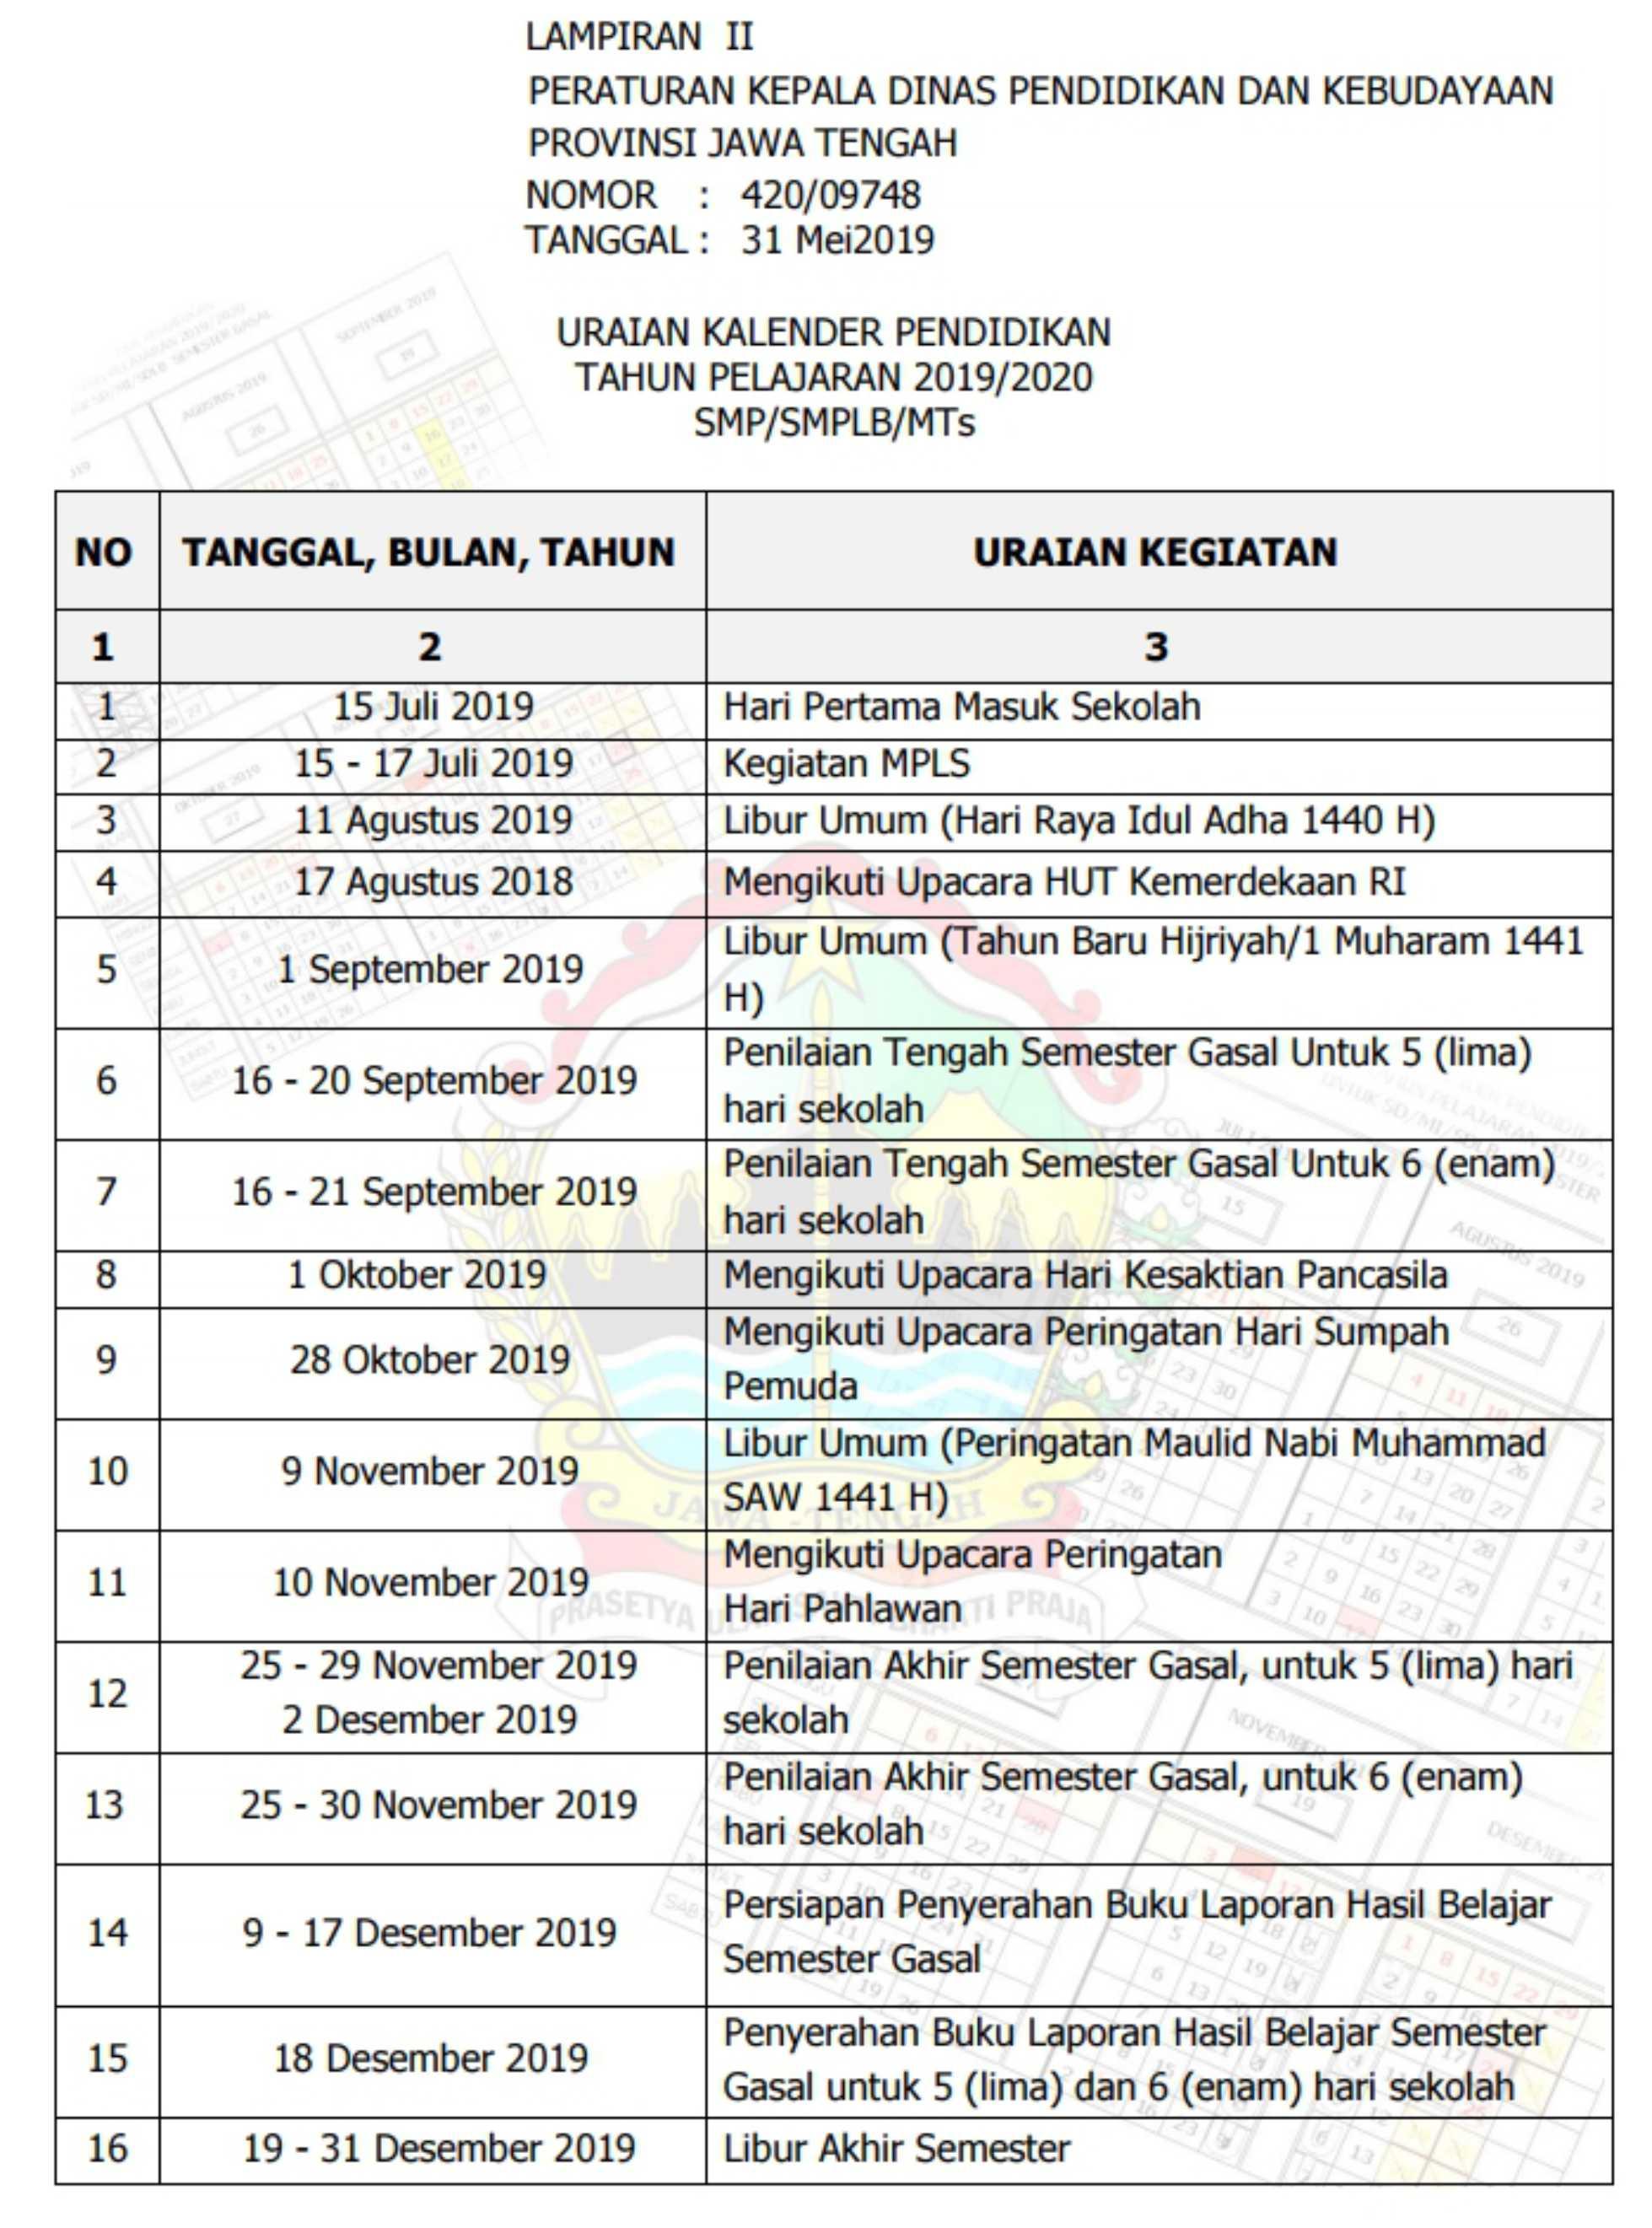 uraian kalender pendidikan tahun pelajaran 2019 - 2020 SMP SMPLB MTs provinsi jawa tengah